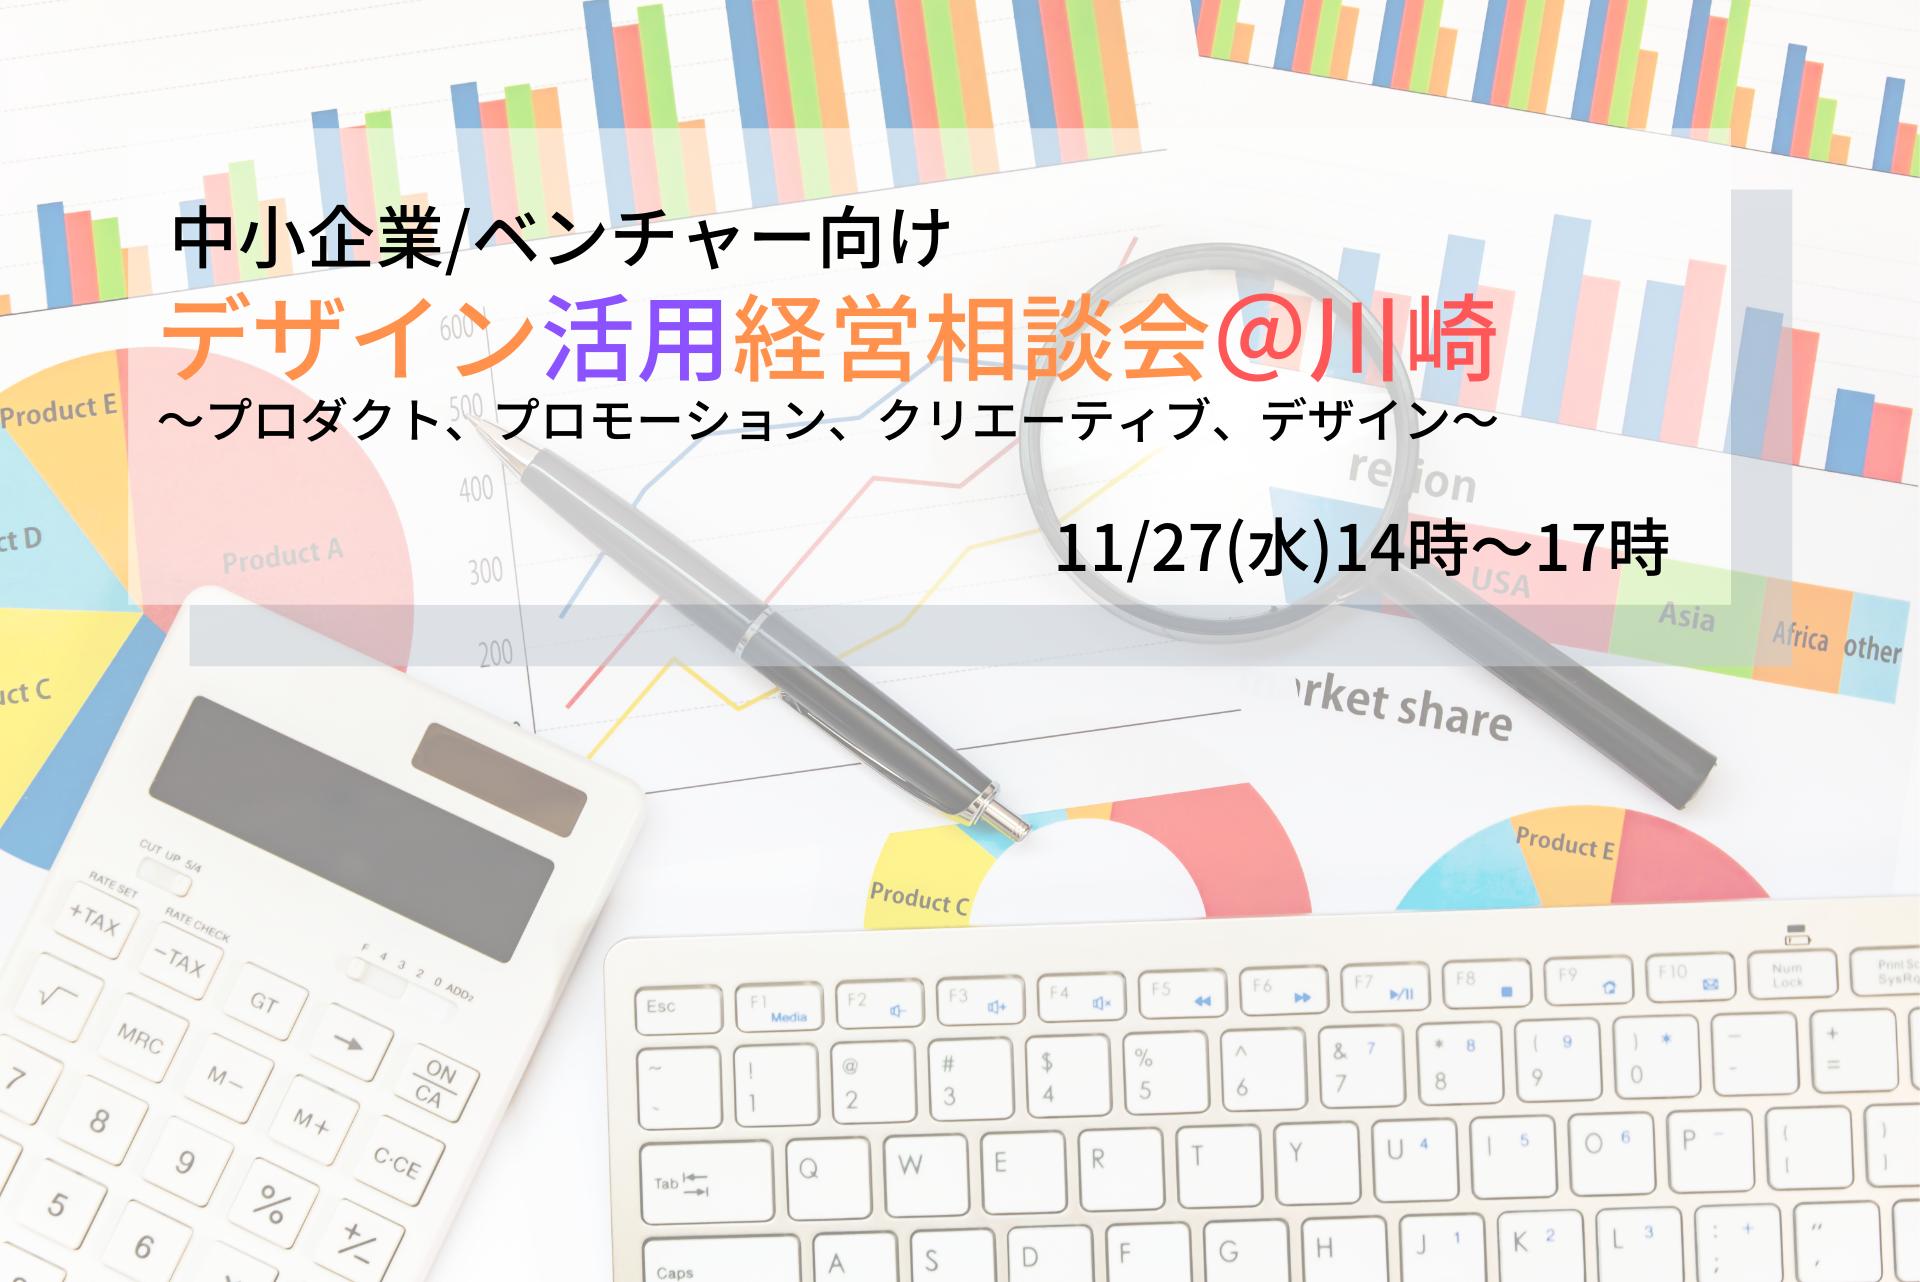 中小企業・ベンチャー向けデザイン活用経営相談会 (11月)